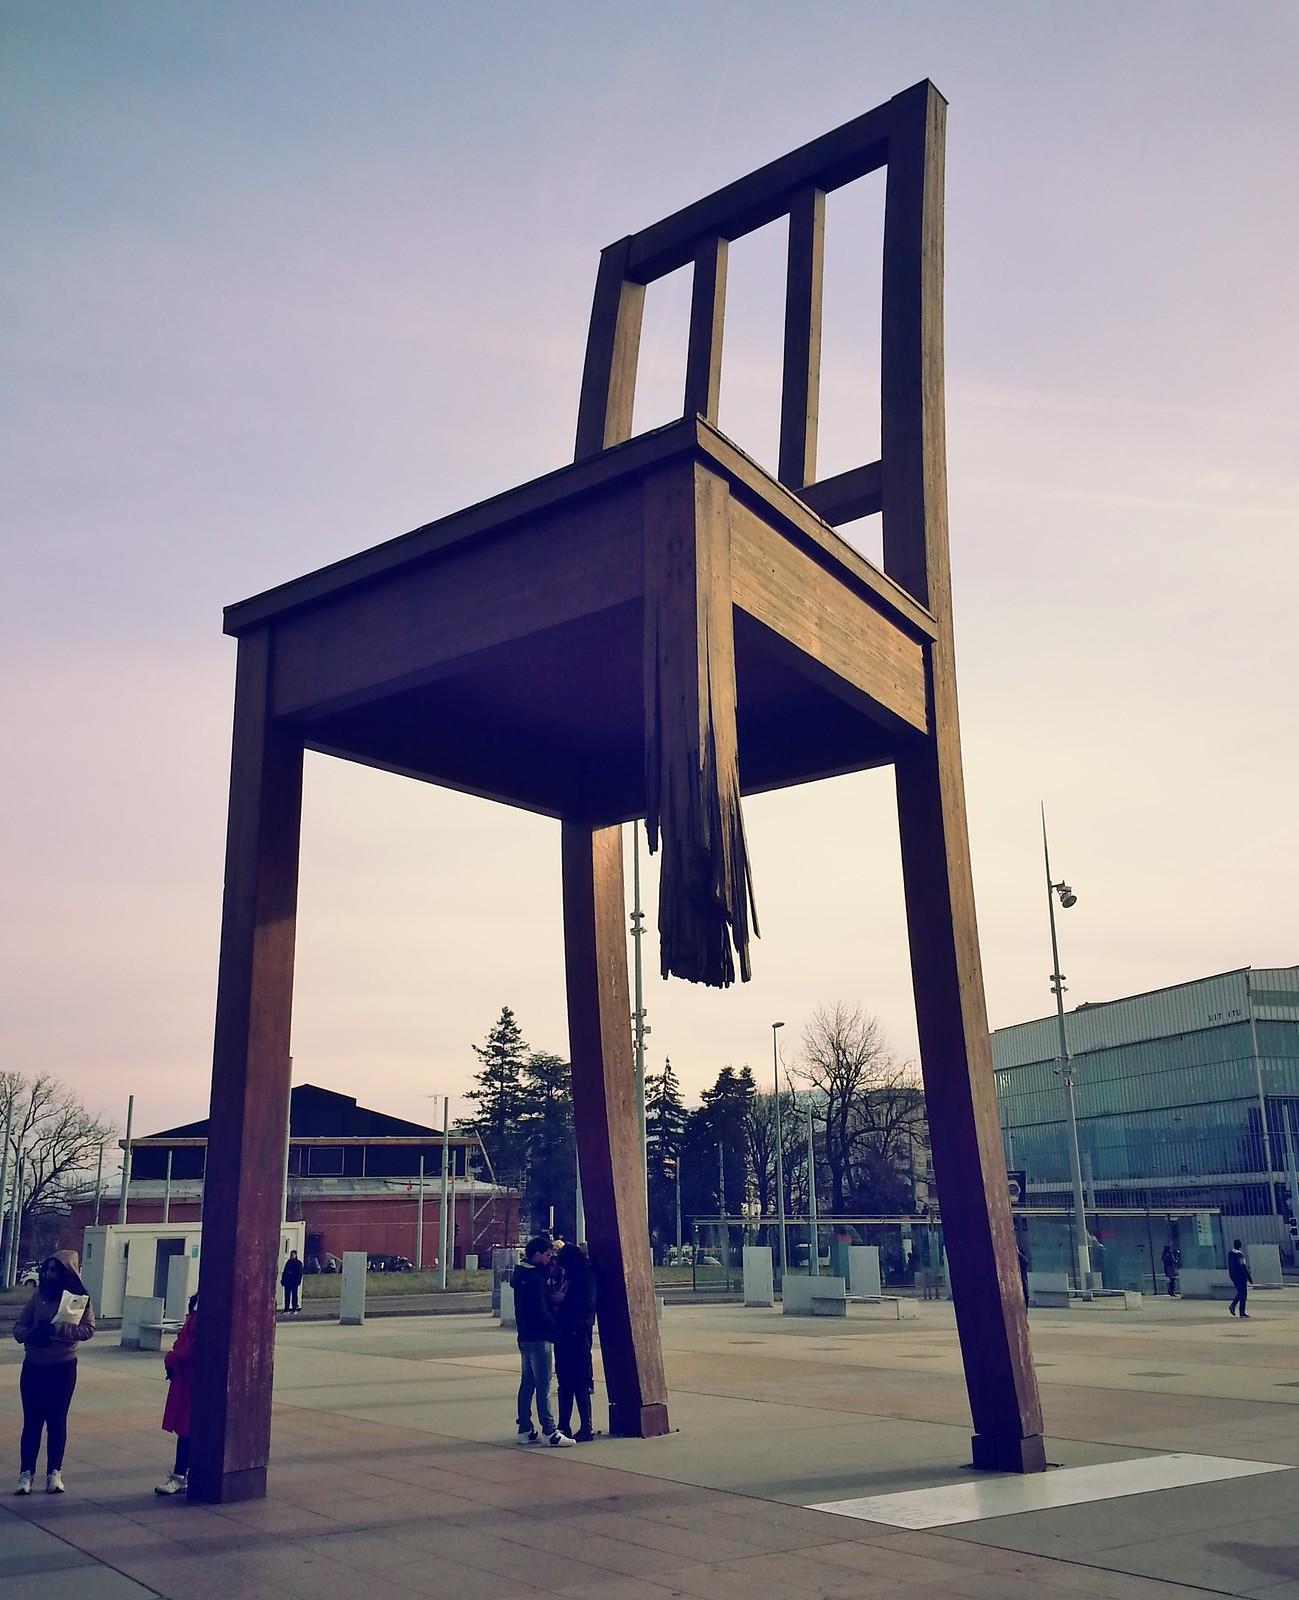 16-01-28 (Geneva) Broken chair sculpture.